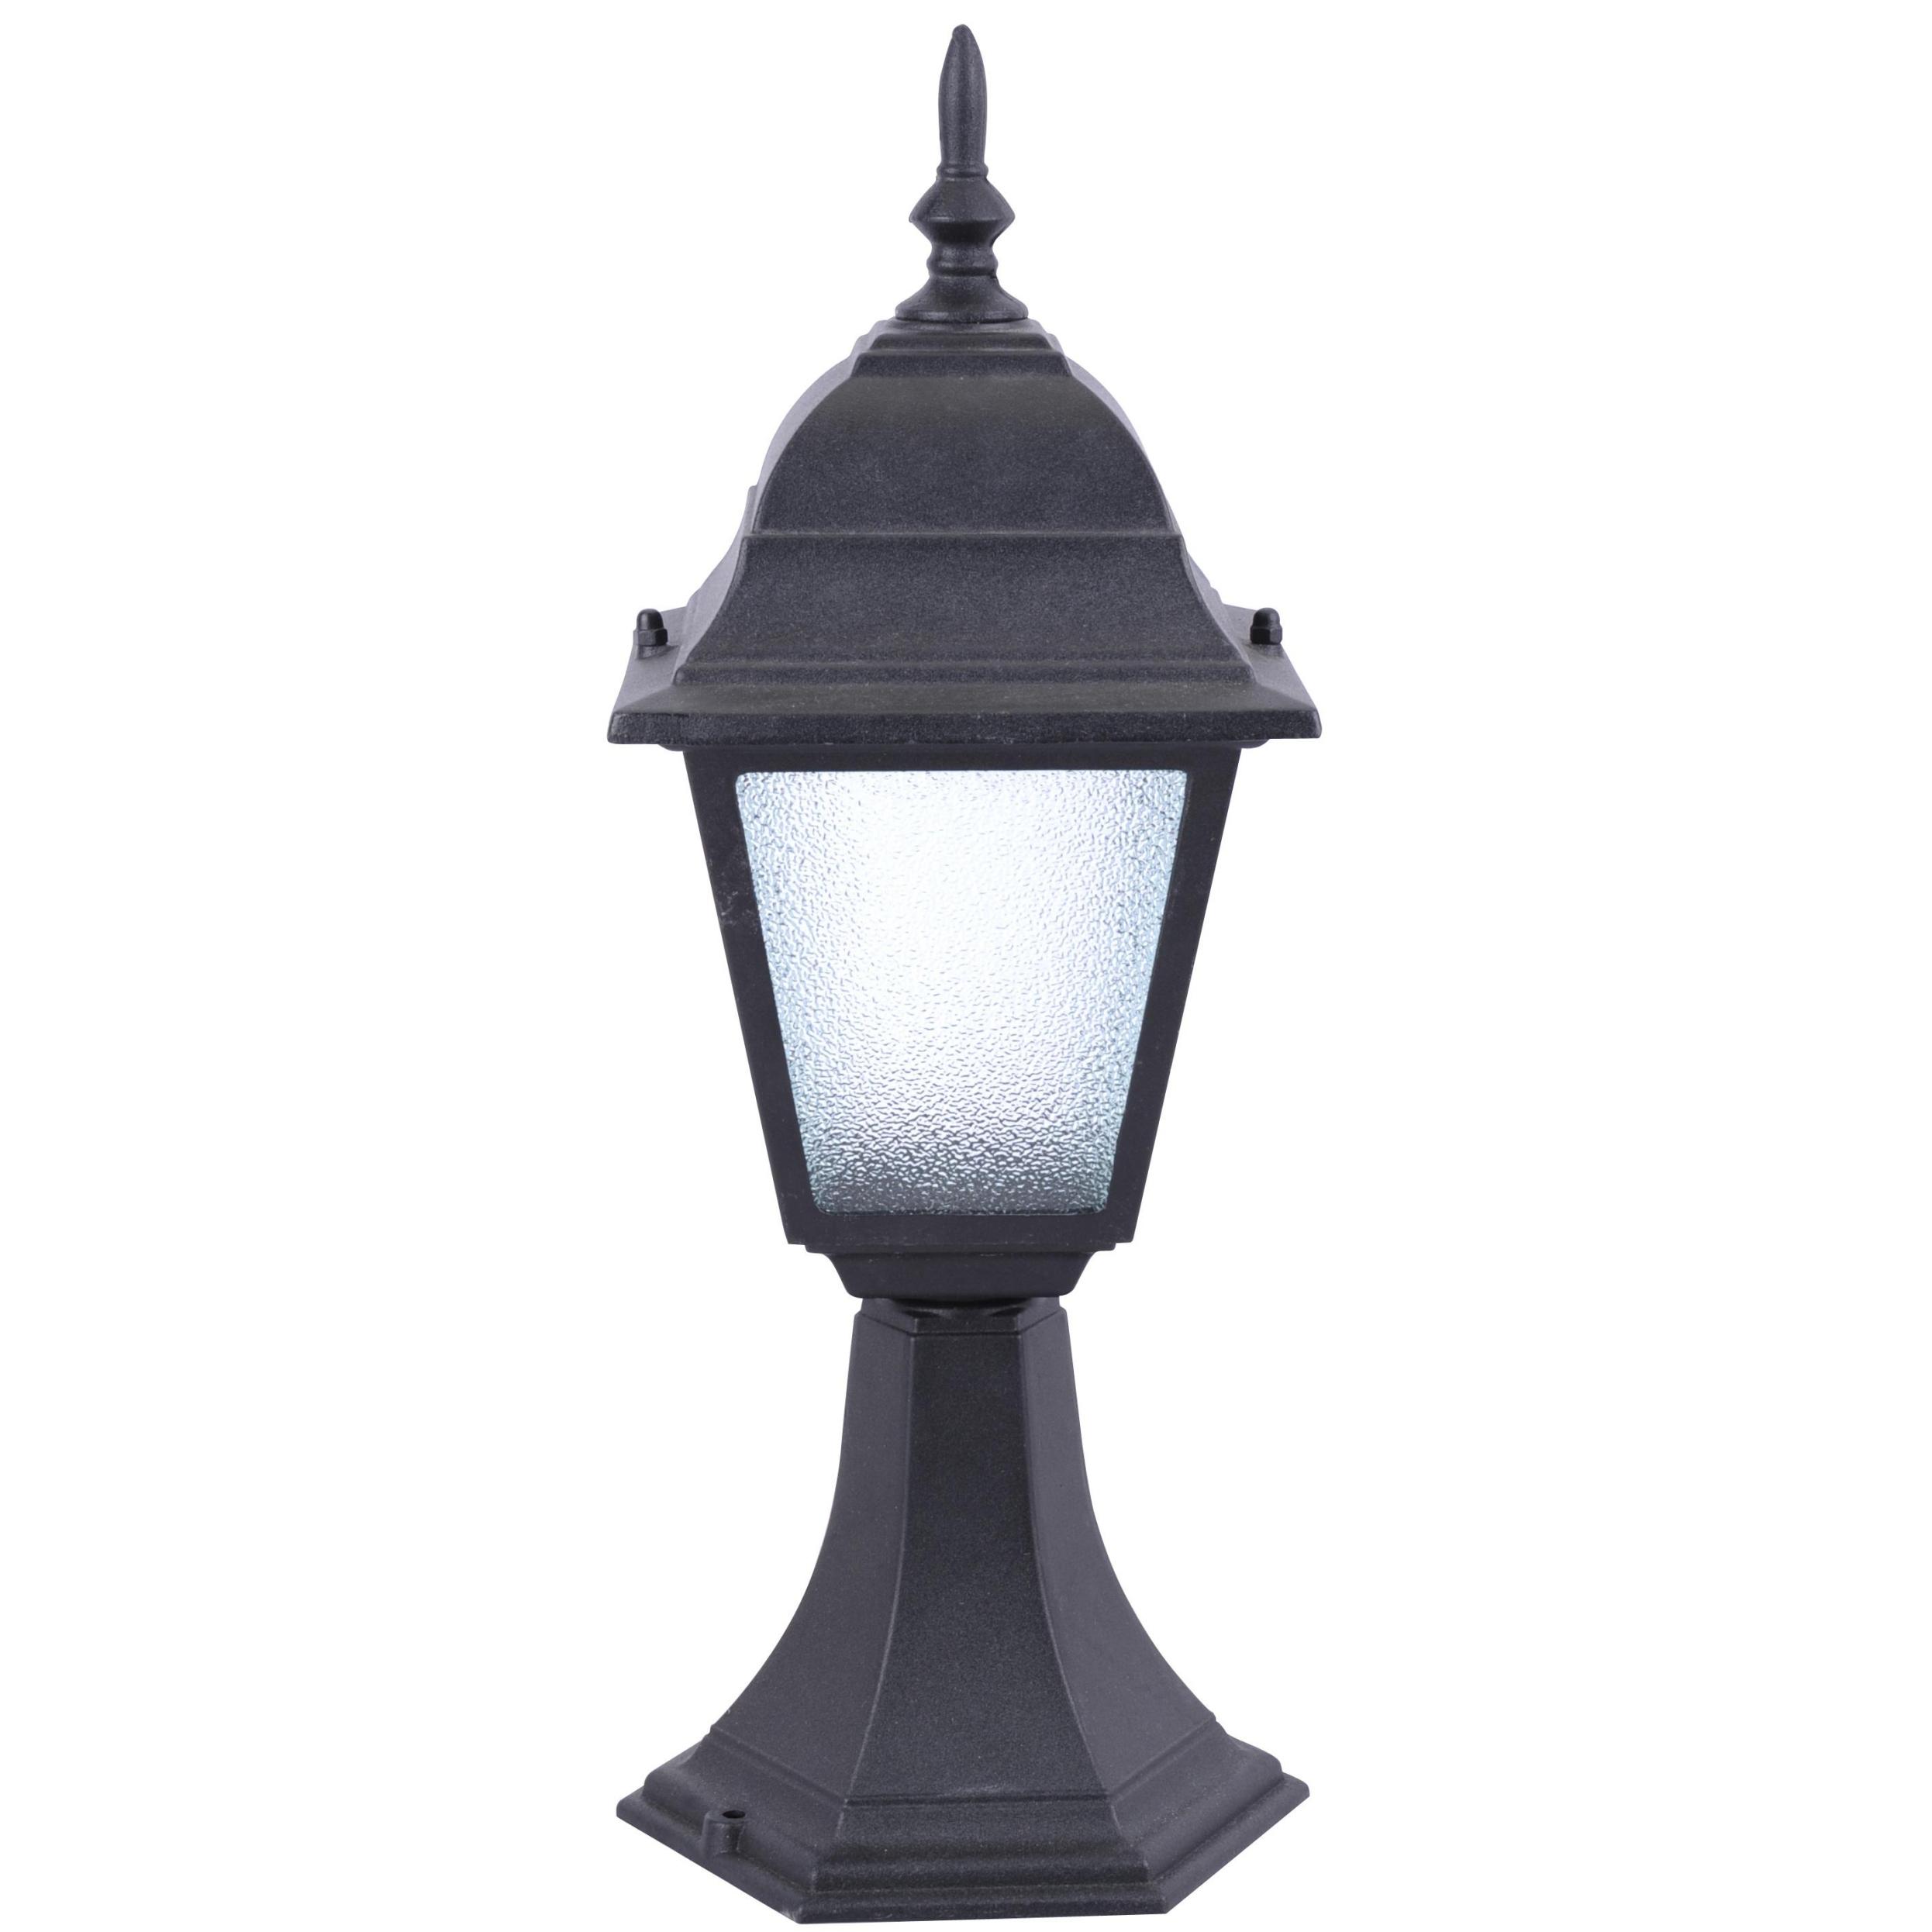 Светильник уличный Arte lamp Bremen a1014fn-1bk наземный низкий светильник arte lamp bremen a1014fn 1bk